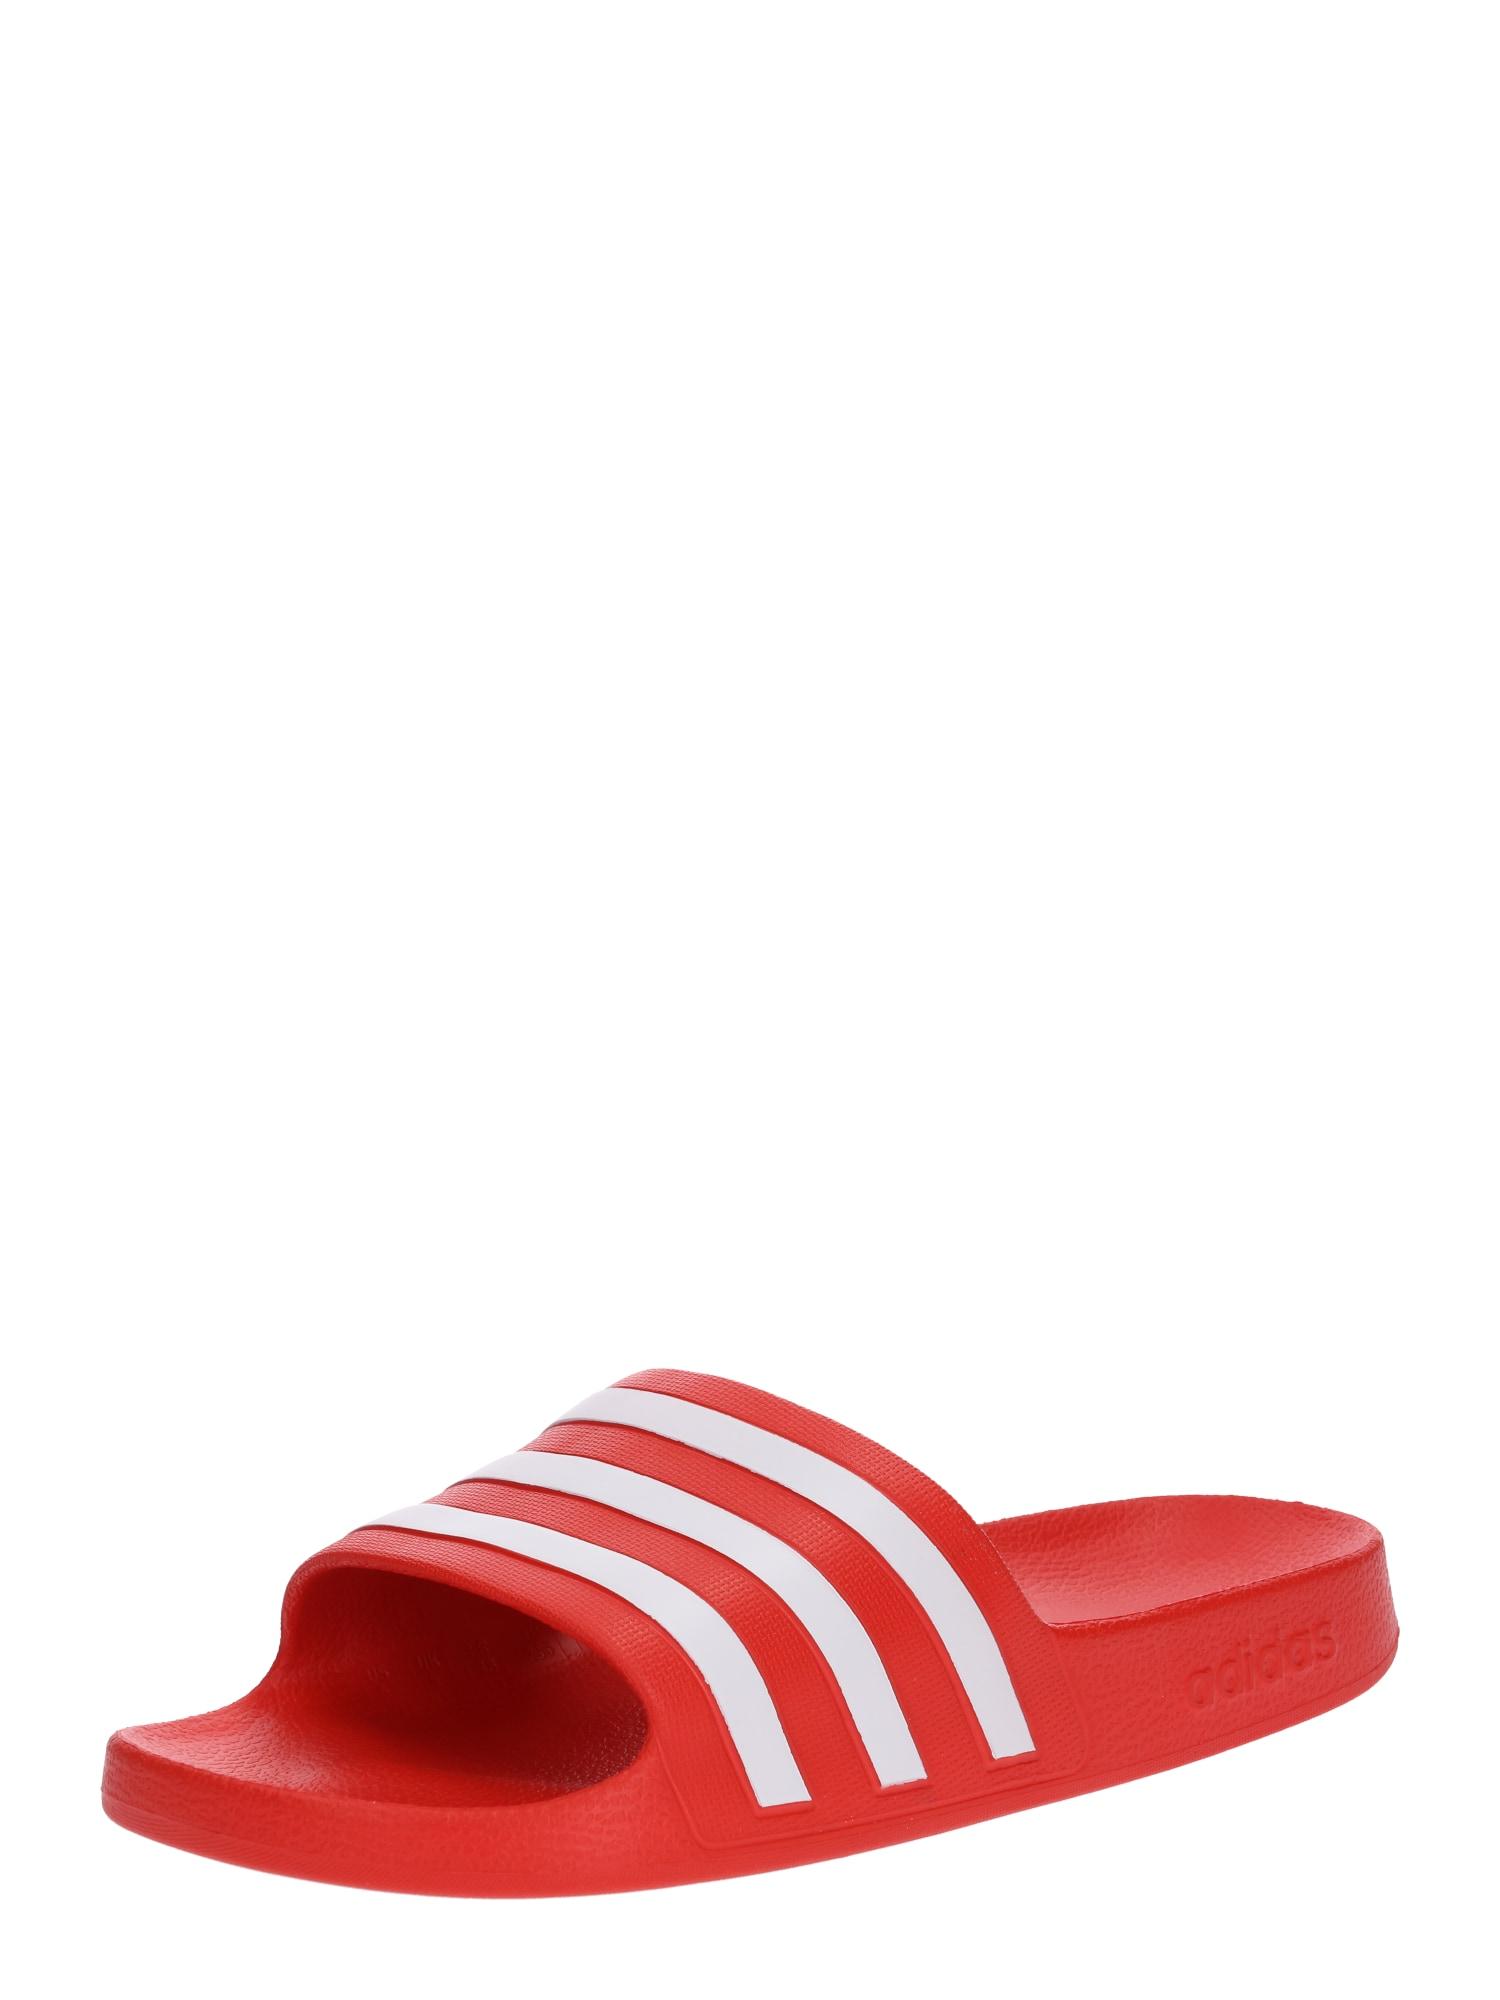 Slipper 'Adilette Aqua' | Schuhe > Slipper | Rot - Weiß | ADIDAS ORIGINALS